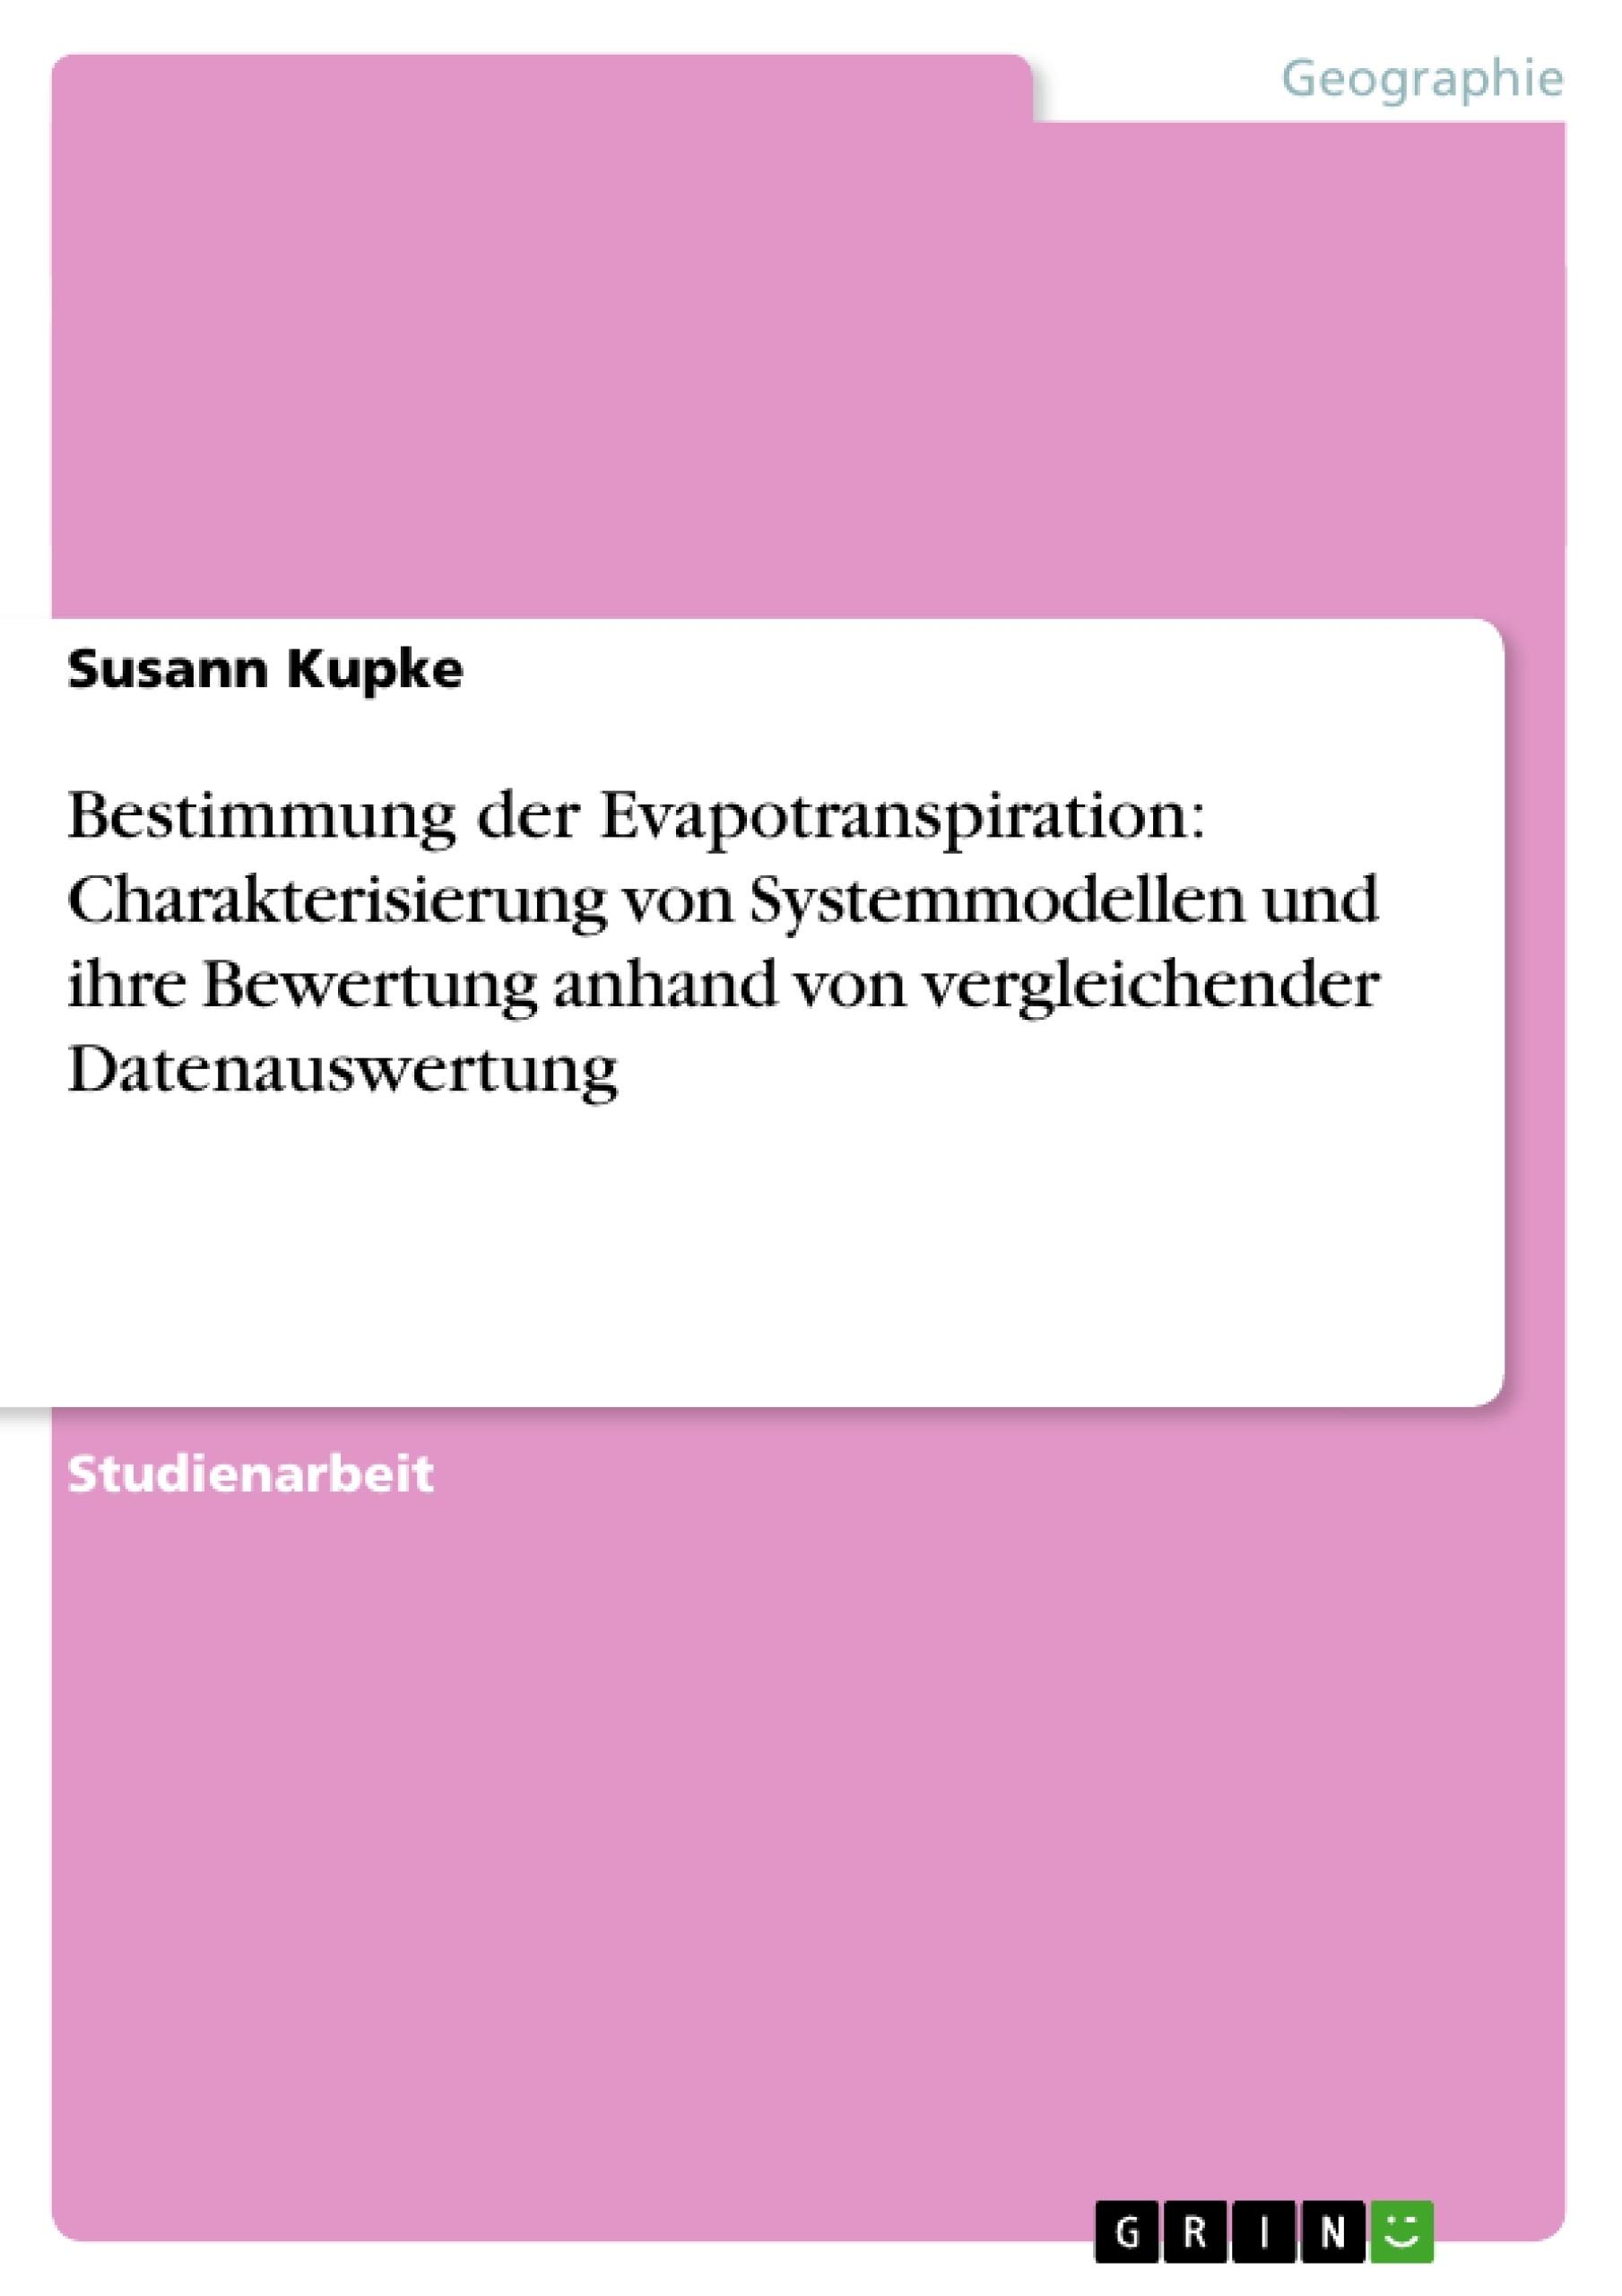 Titel: Bestimmung der Evapotranspiration: Charakterisierung von Systemmodellen und ihre Bewertung anhand von vergleichender Datenauswertung